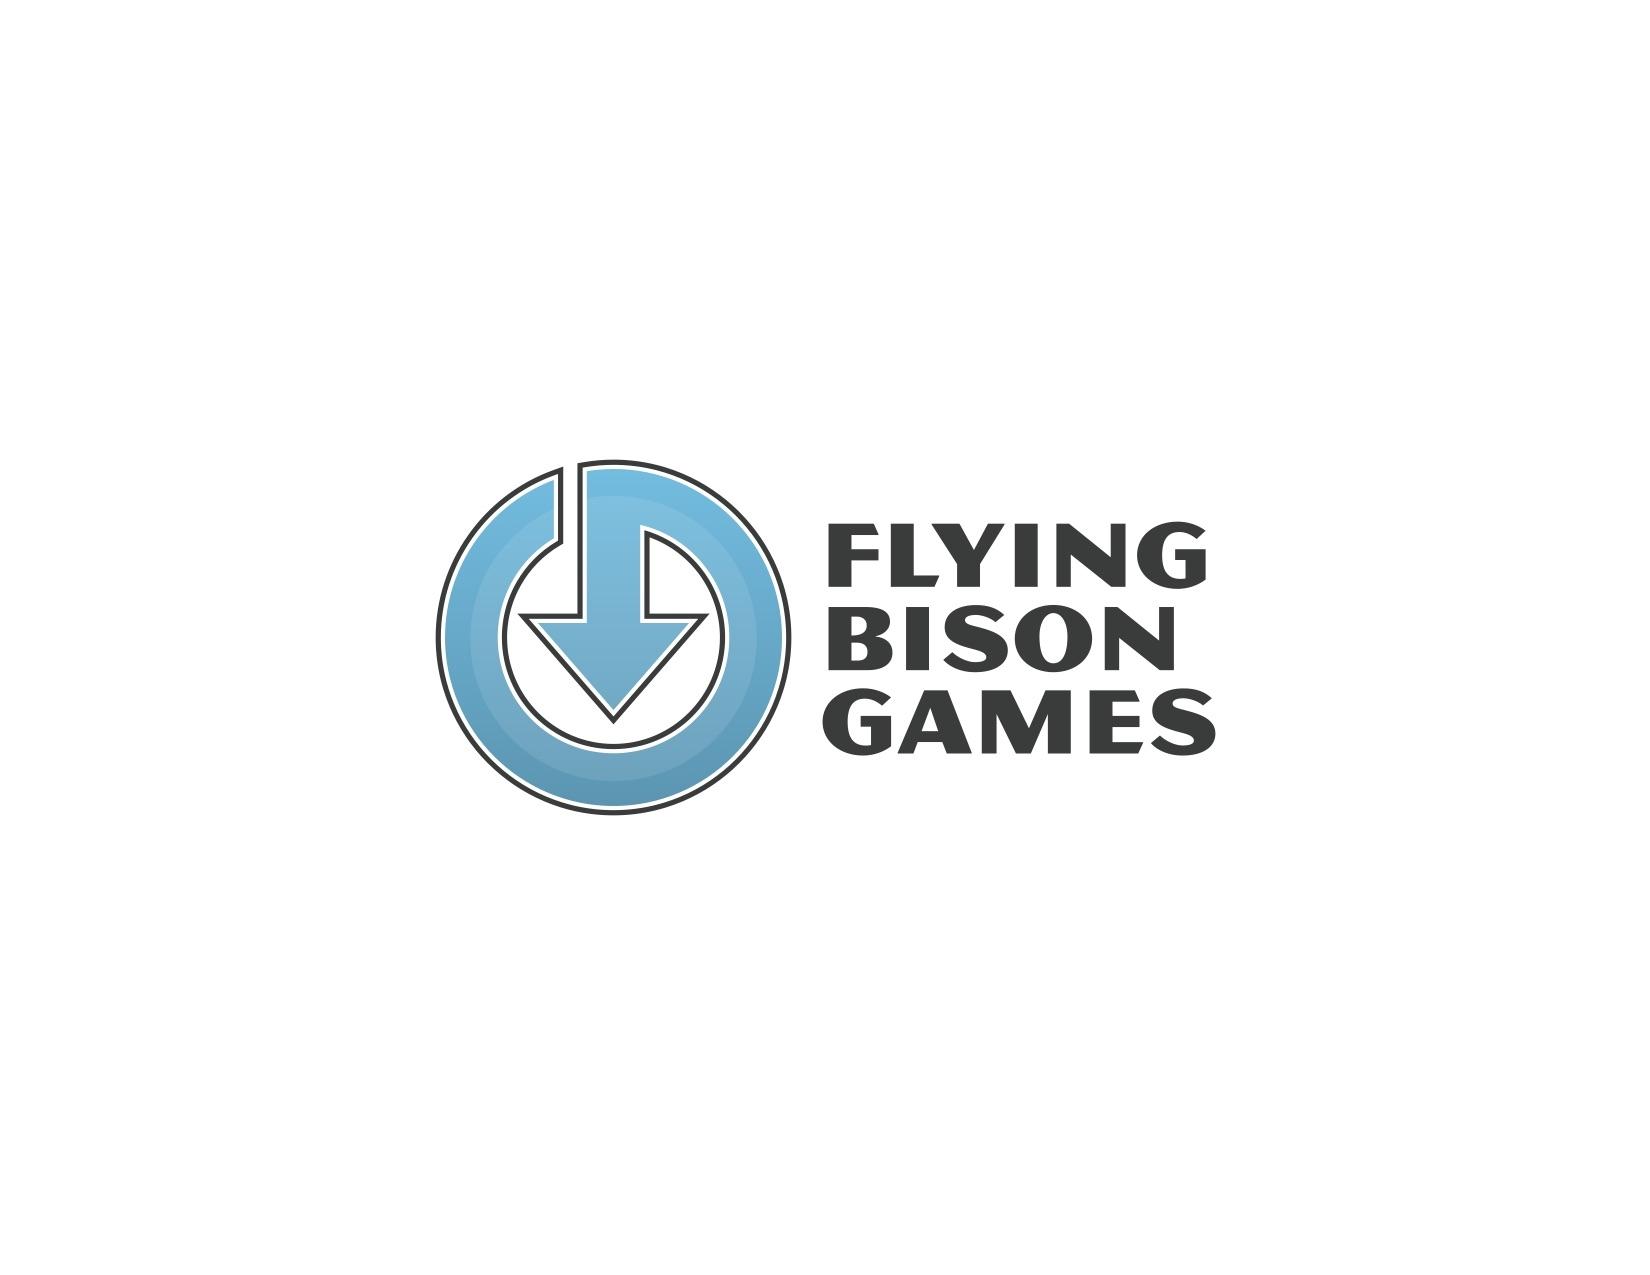 FlyingBisonLogo.jpg